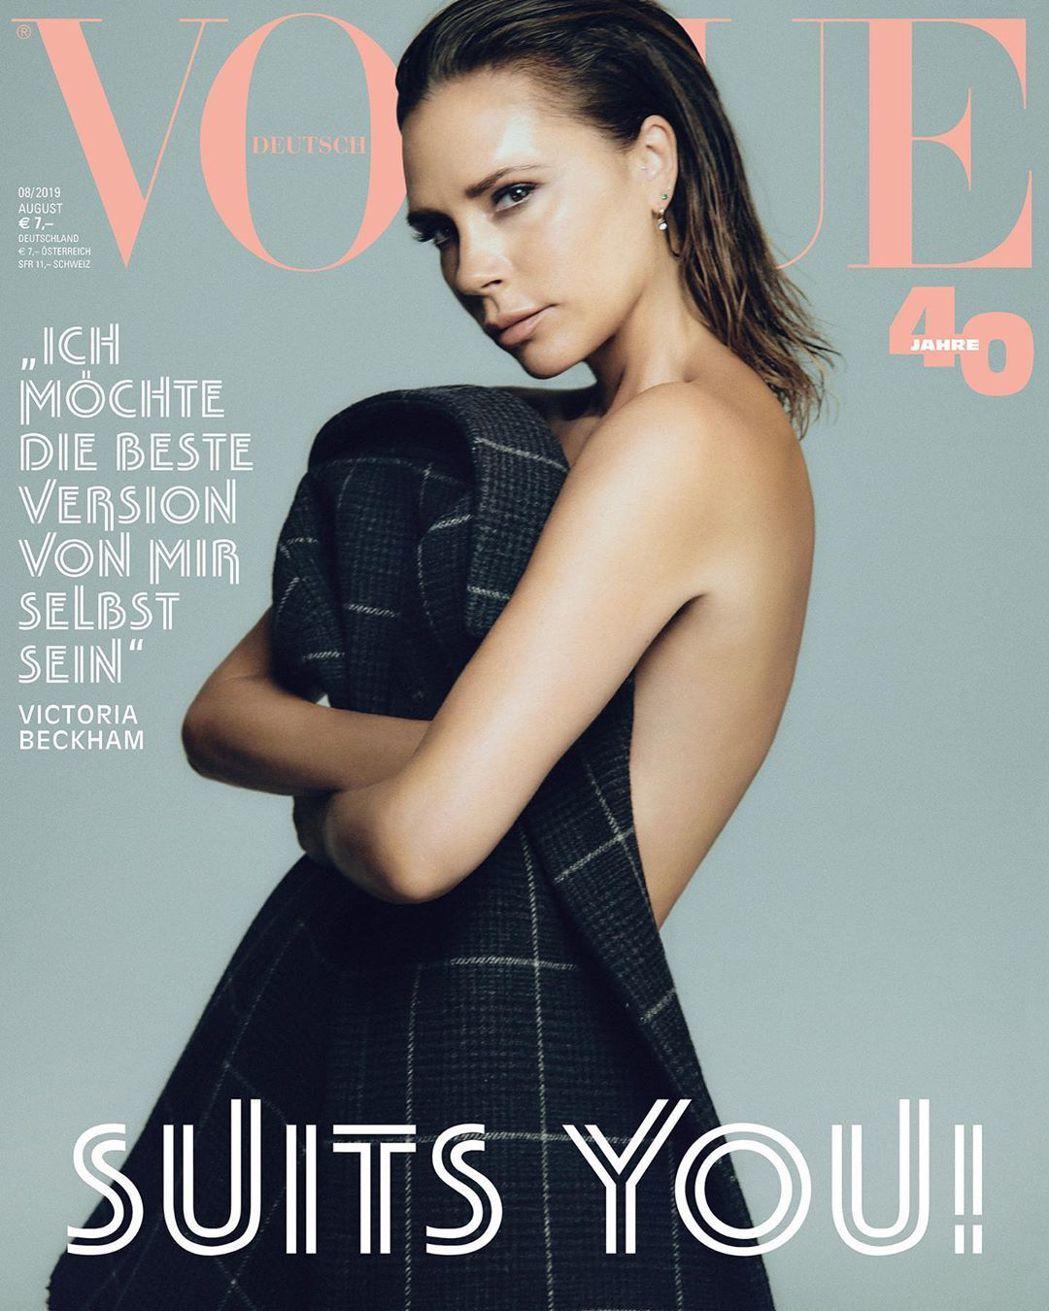 維多莉亞貝克漢半裸登上雜誌封面。圖/摘自Vogue 攝影/CHRIS COLLS